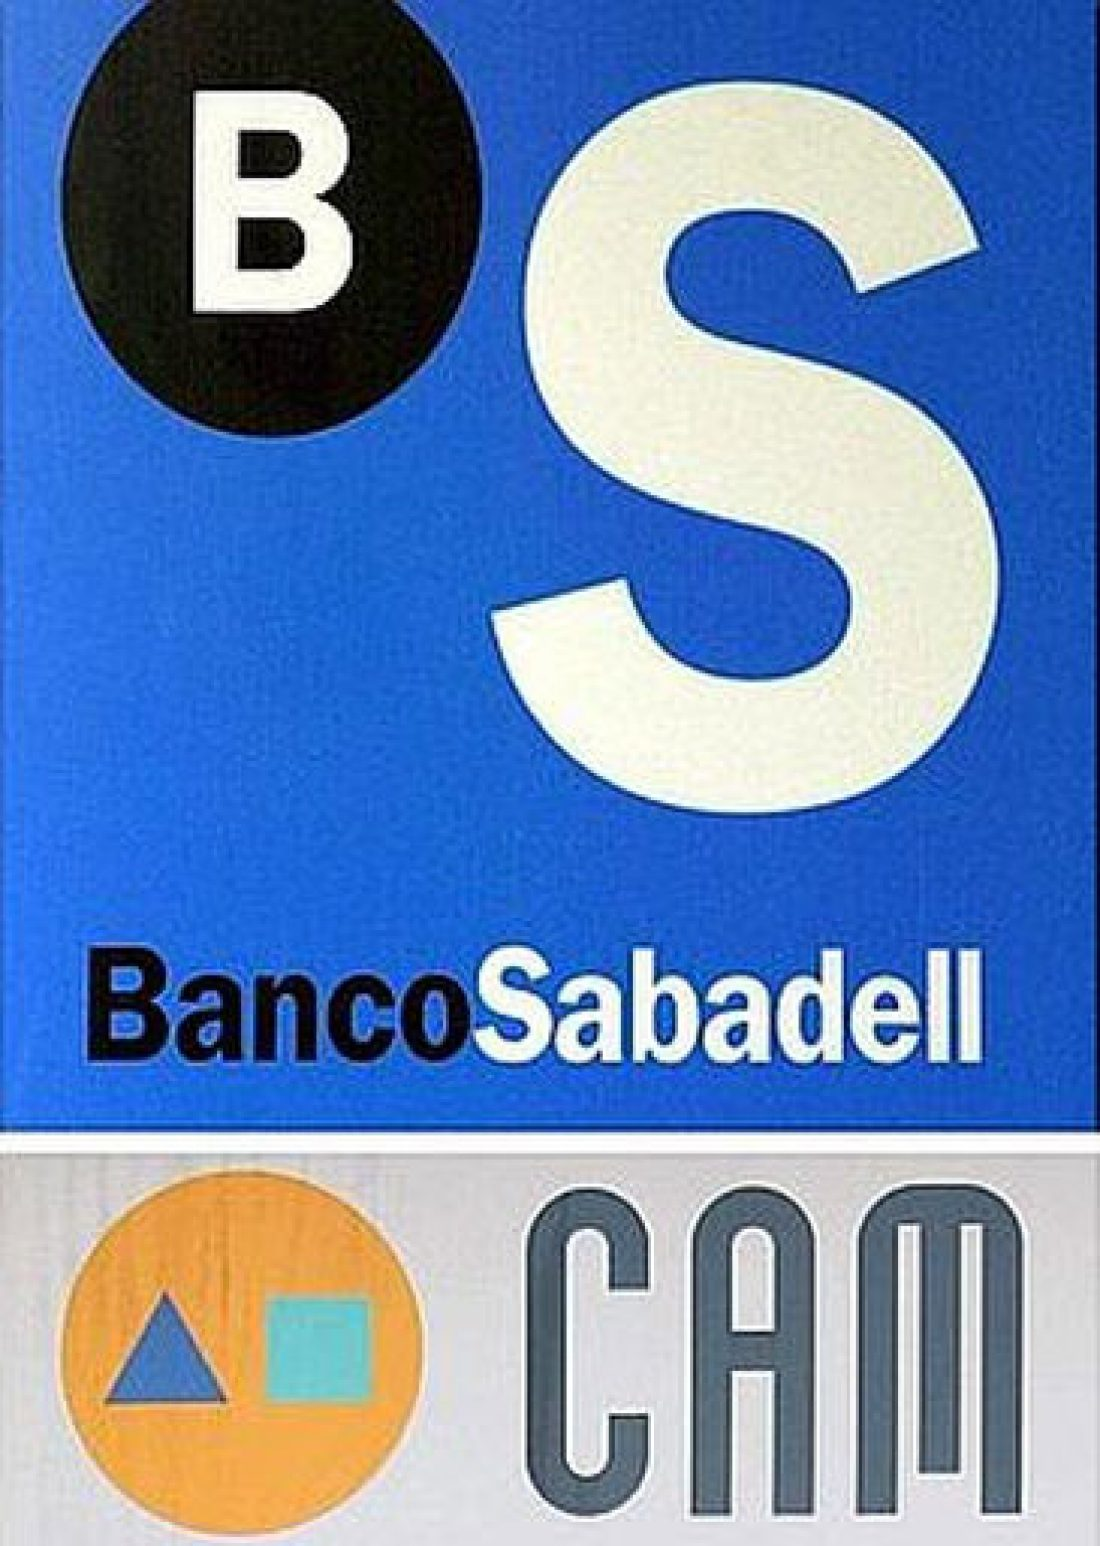 Carta abierta de un empleado de Banco CAM a los directivos del Banco Sabadell: Sres del Banco Sabadell; no merecemos esto